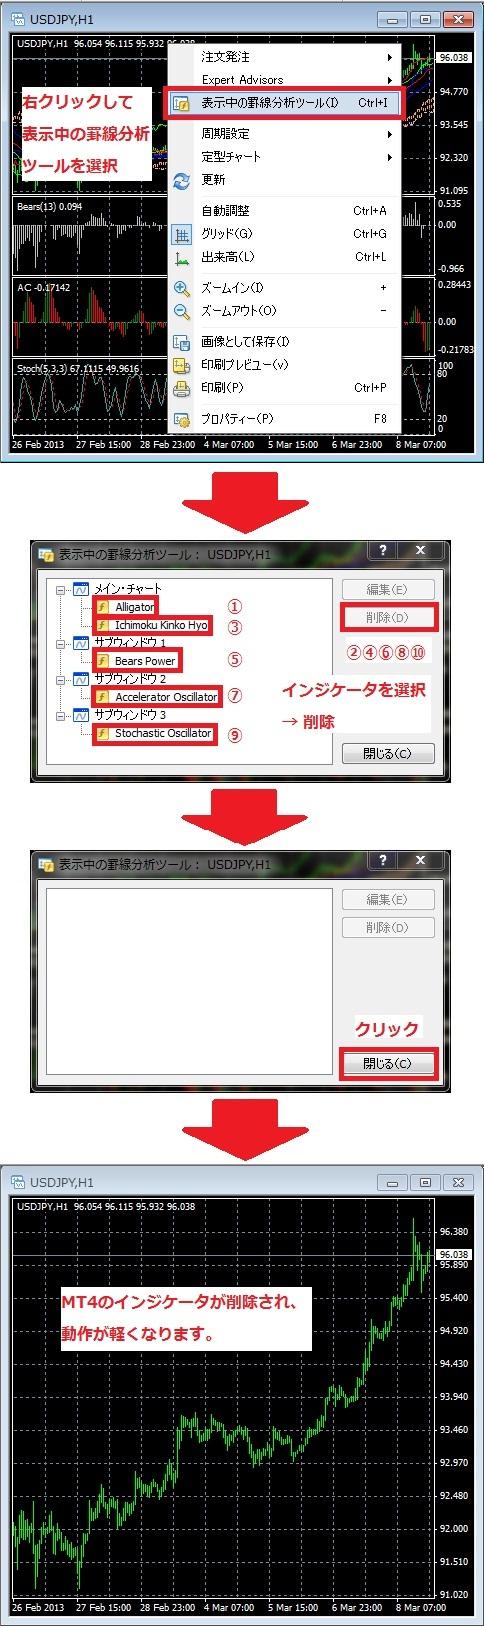 MT4_karuku5